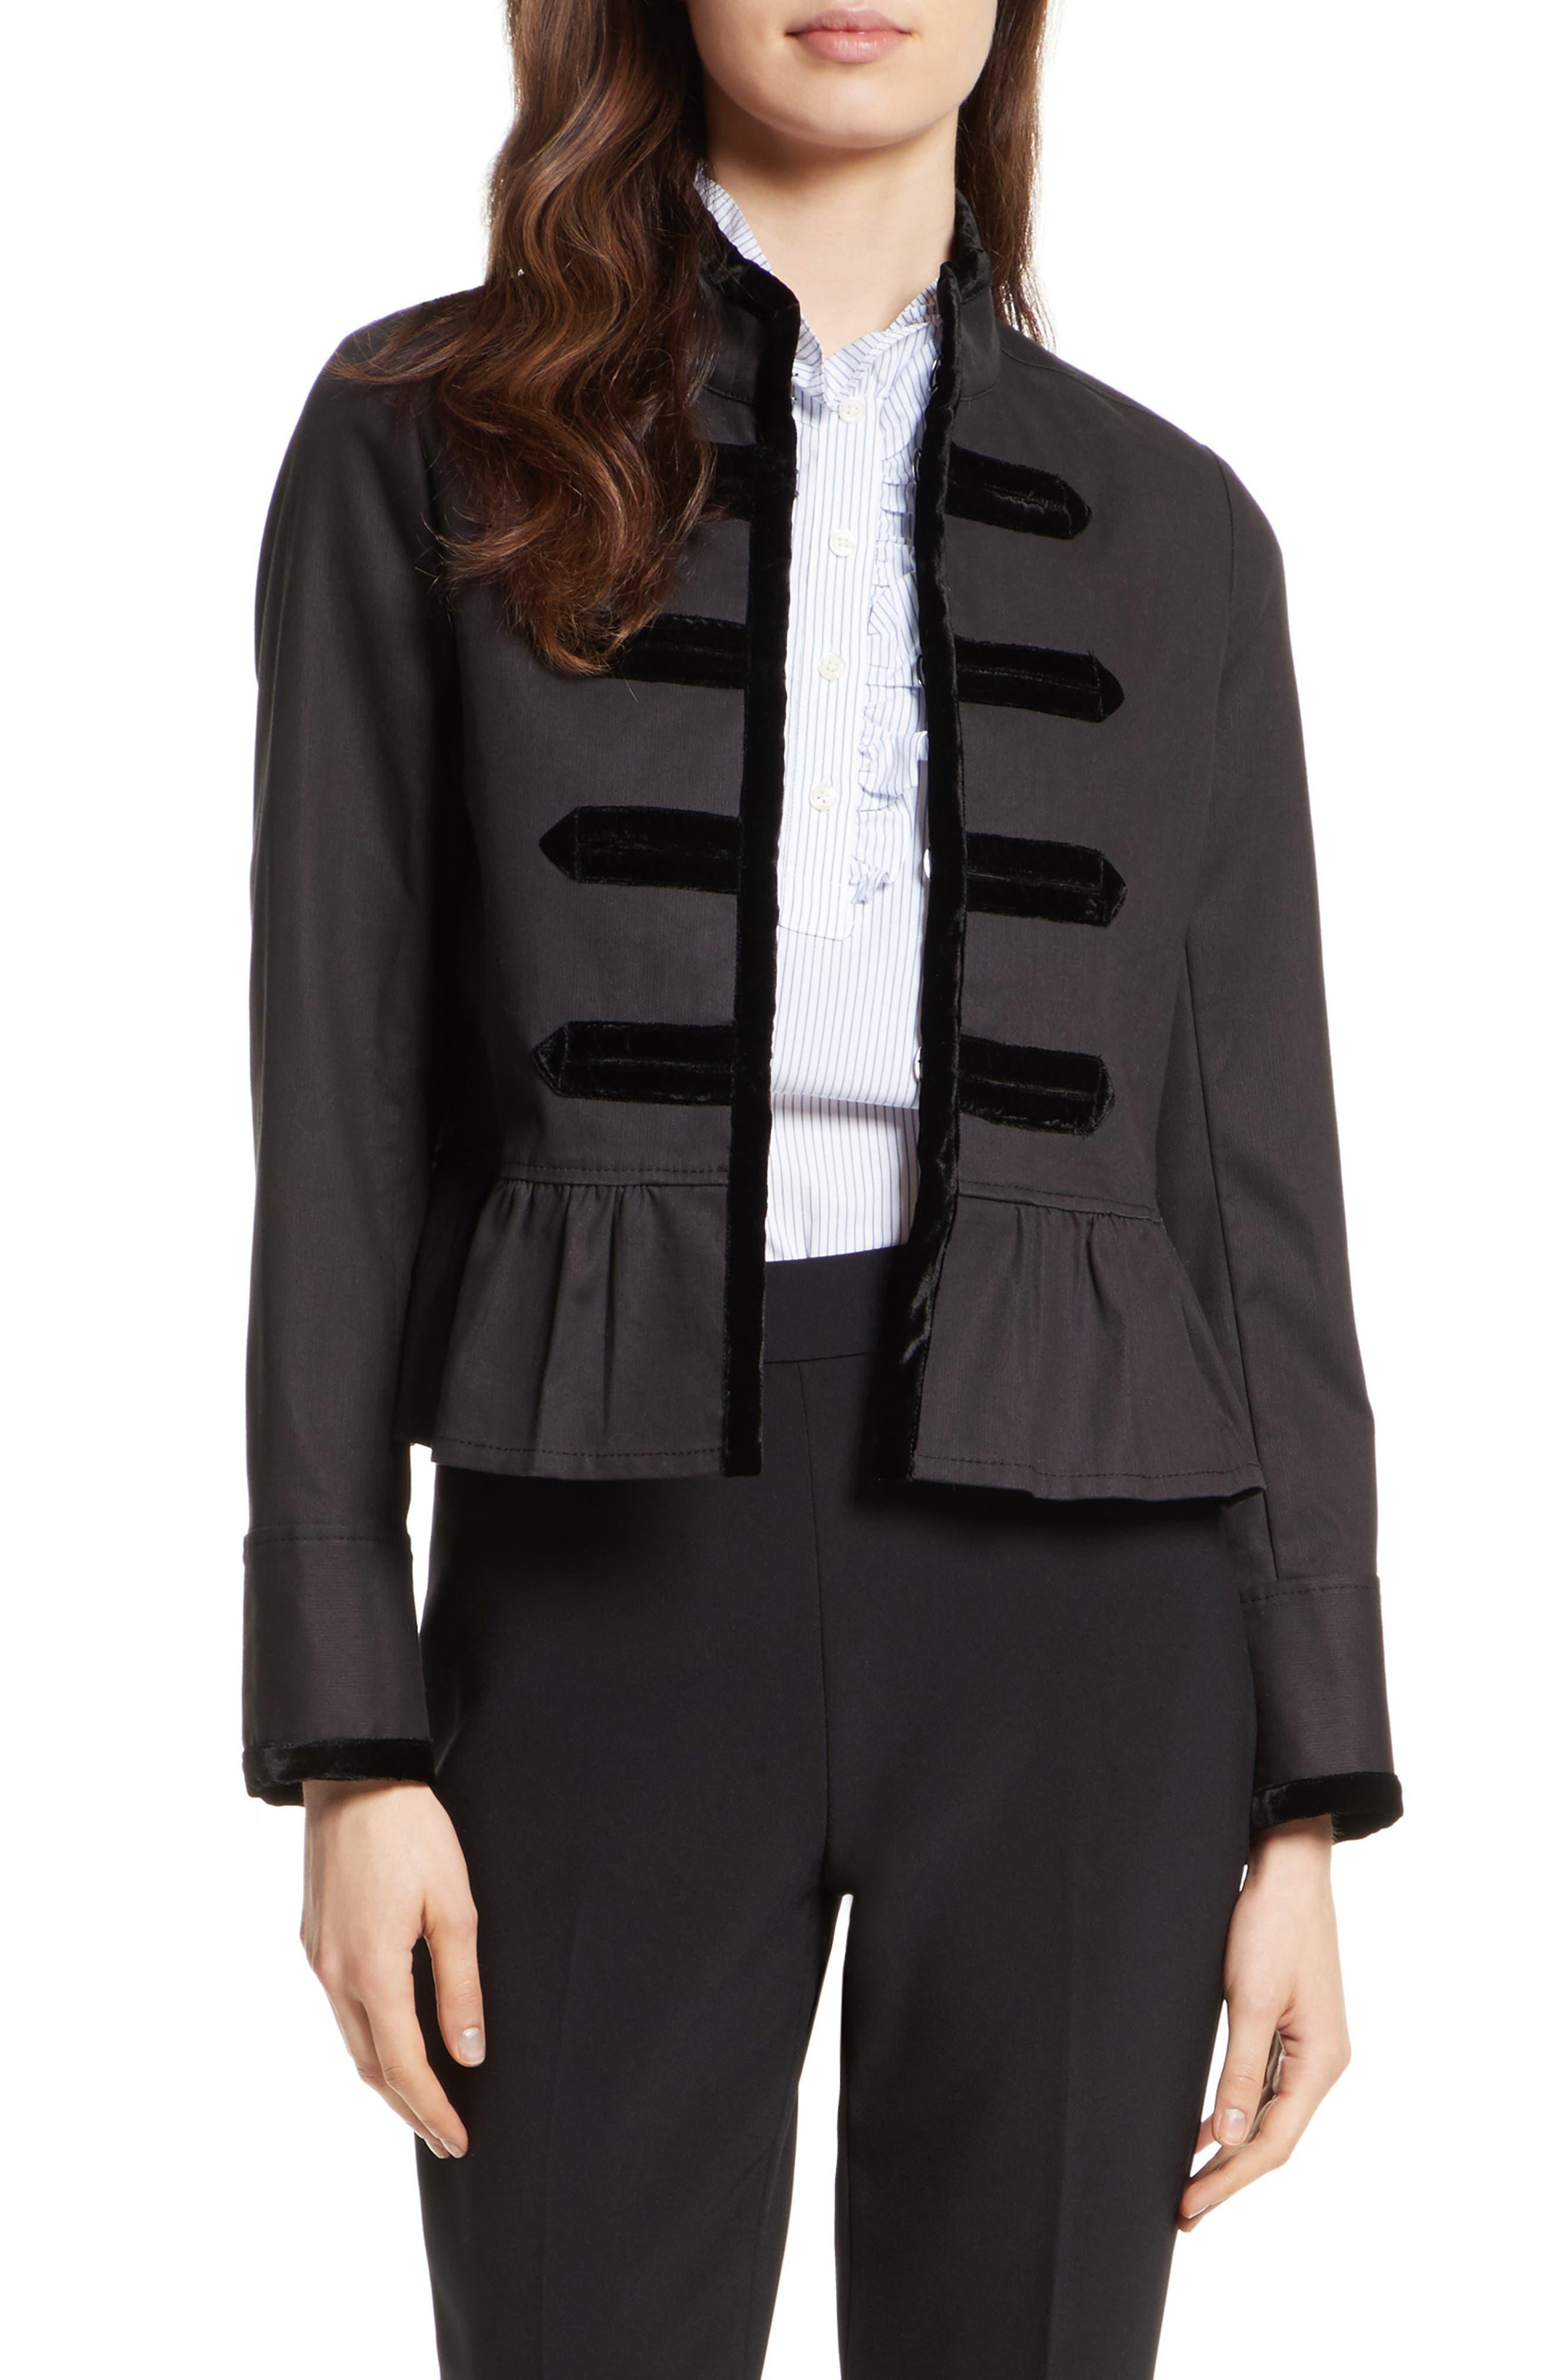 Alternate Image 1 Selected - kate spade new york velvet trim military jacket